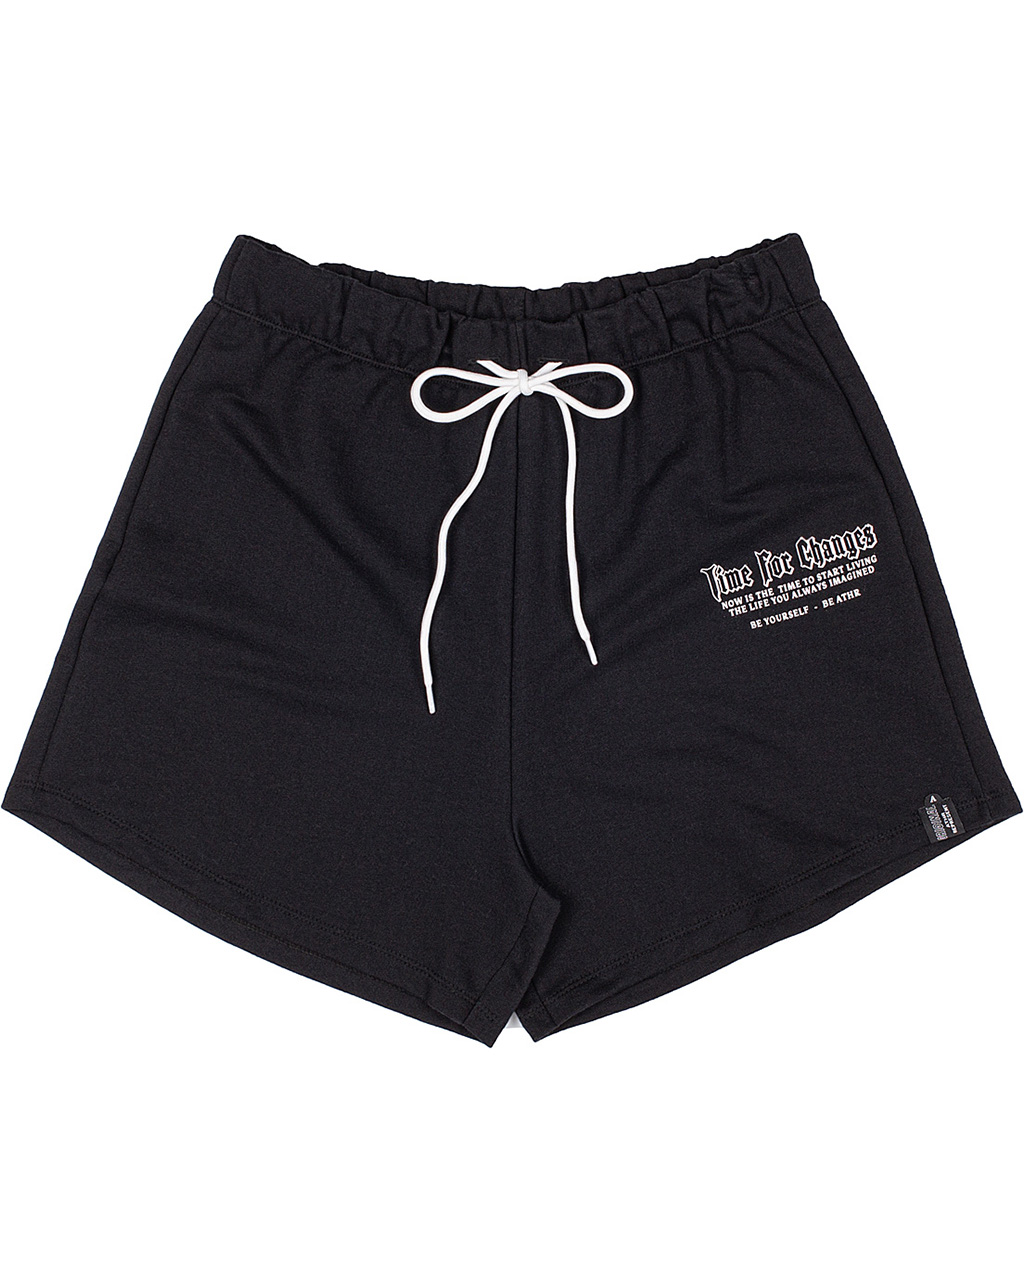 Shorts Bermuda Teen Preto Authoria